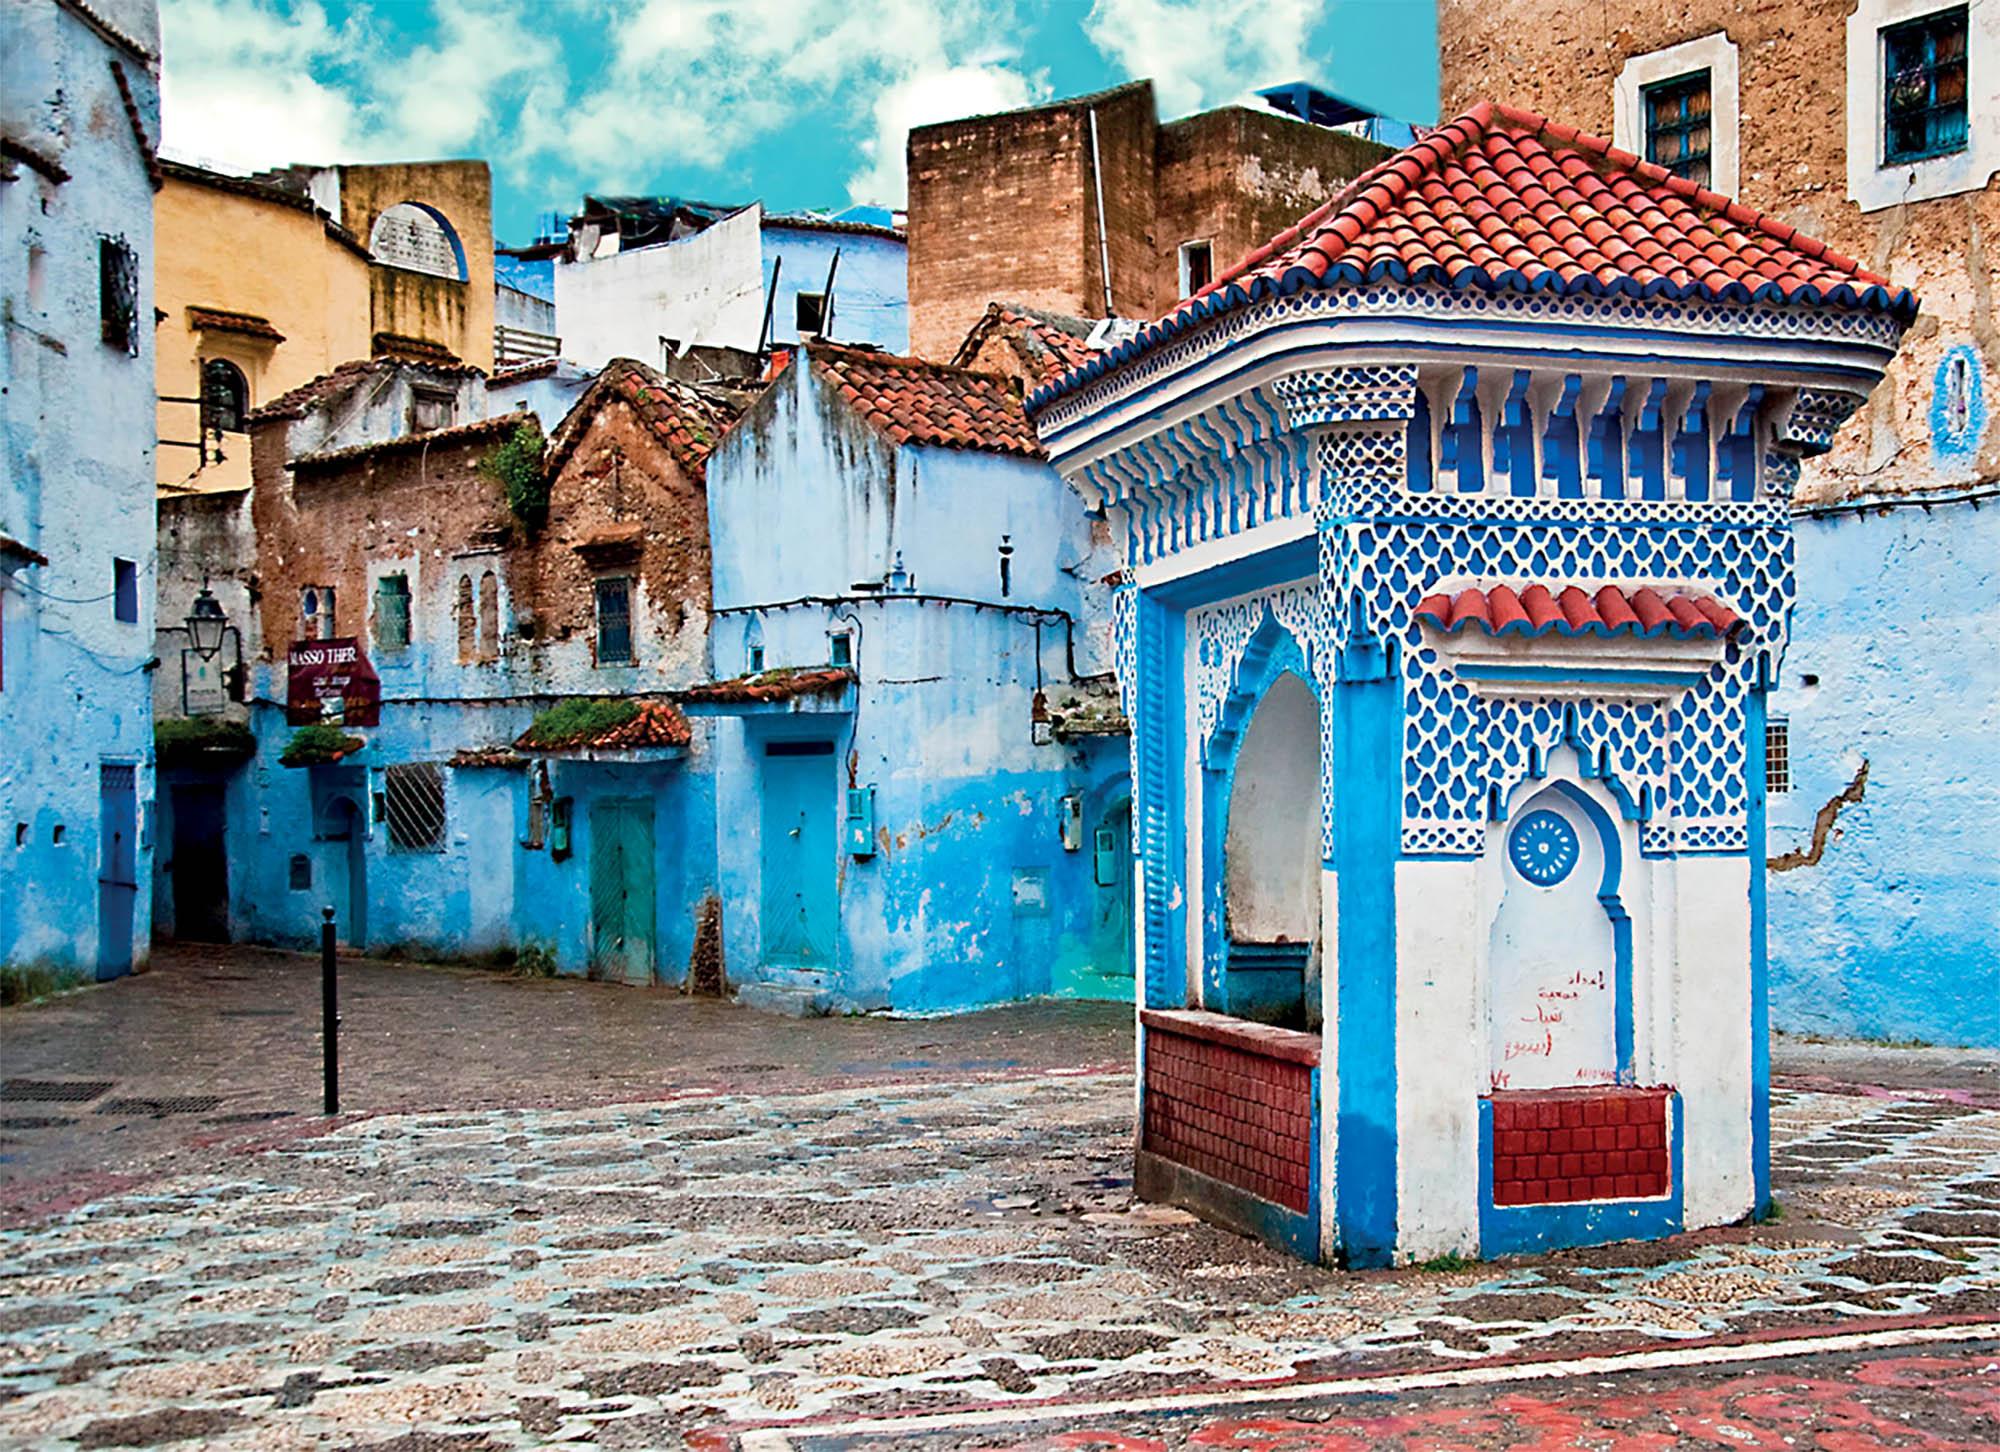 Morocco du lịch khung cảnh những ngôi nhà tại Chefchaouen